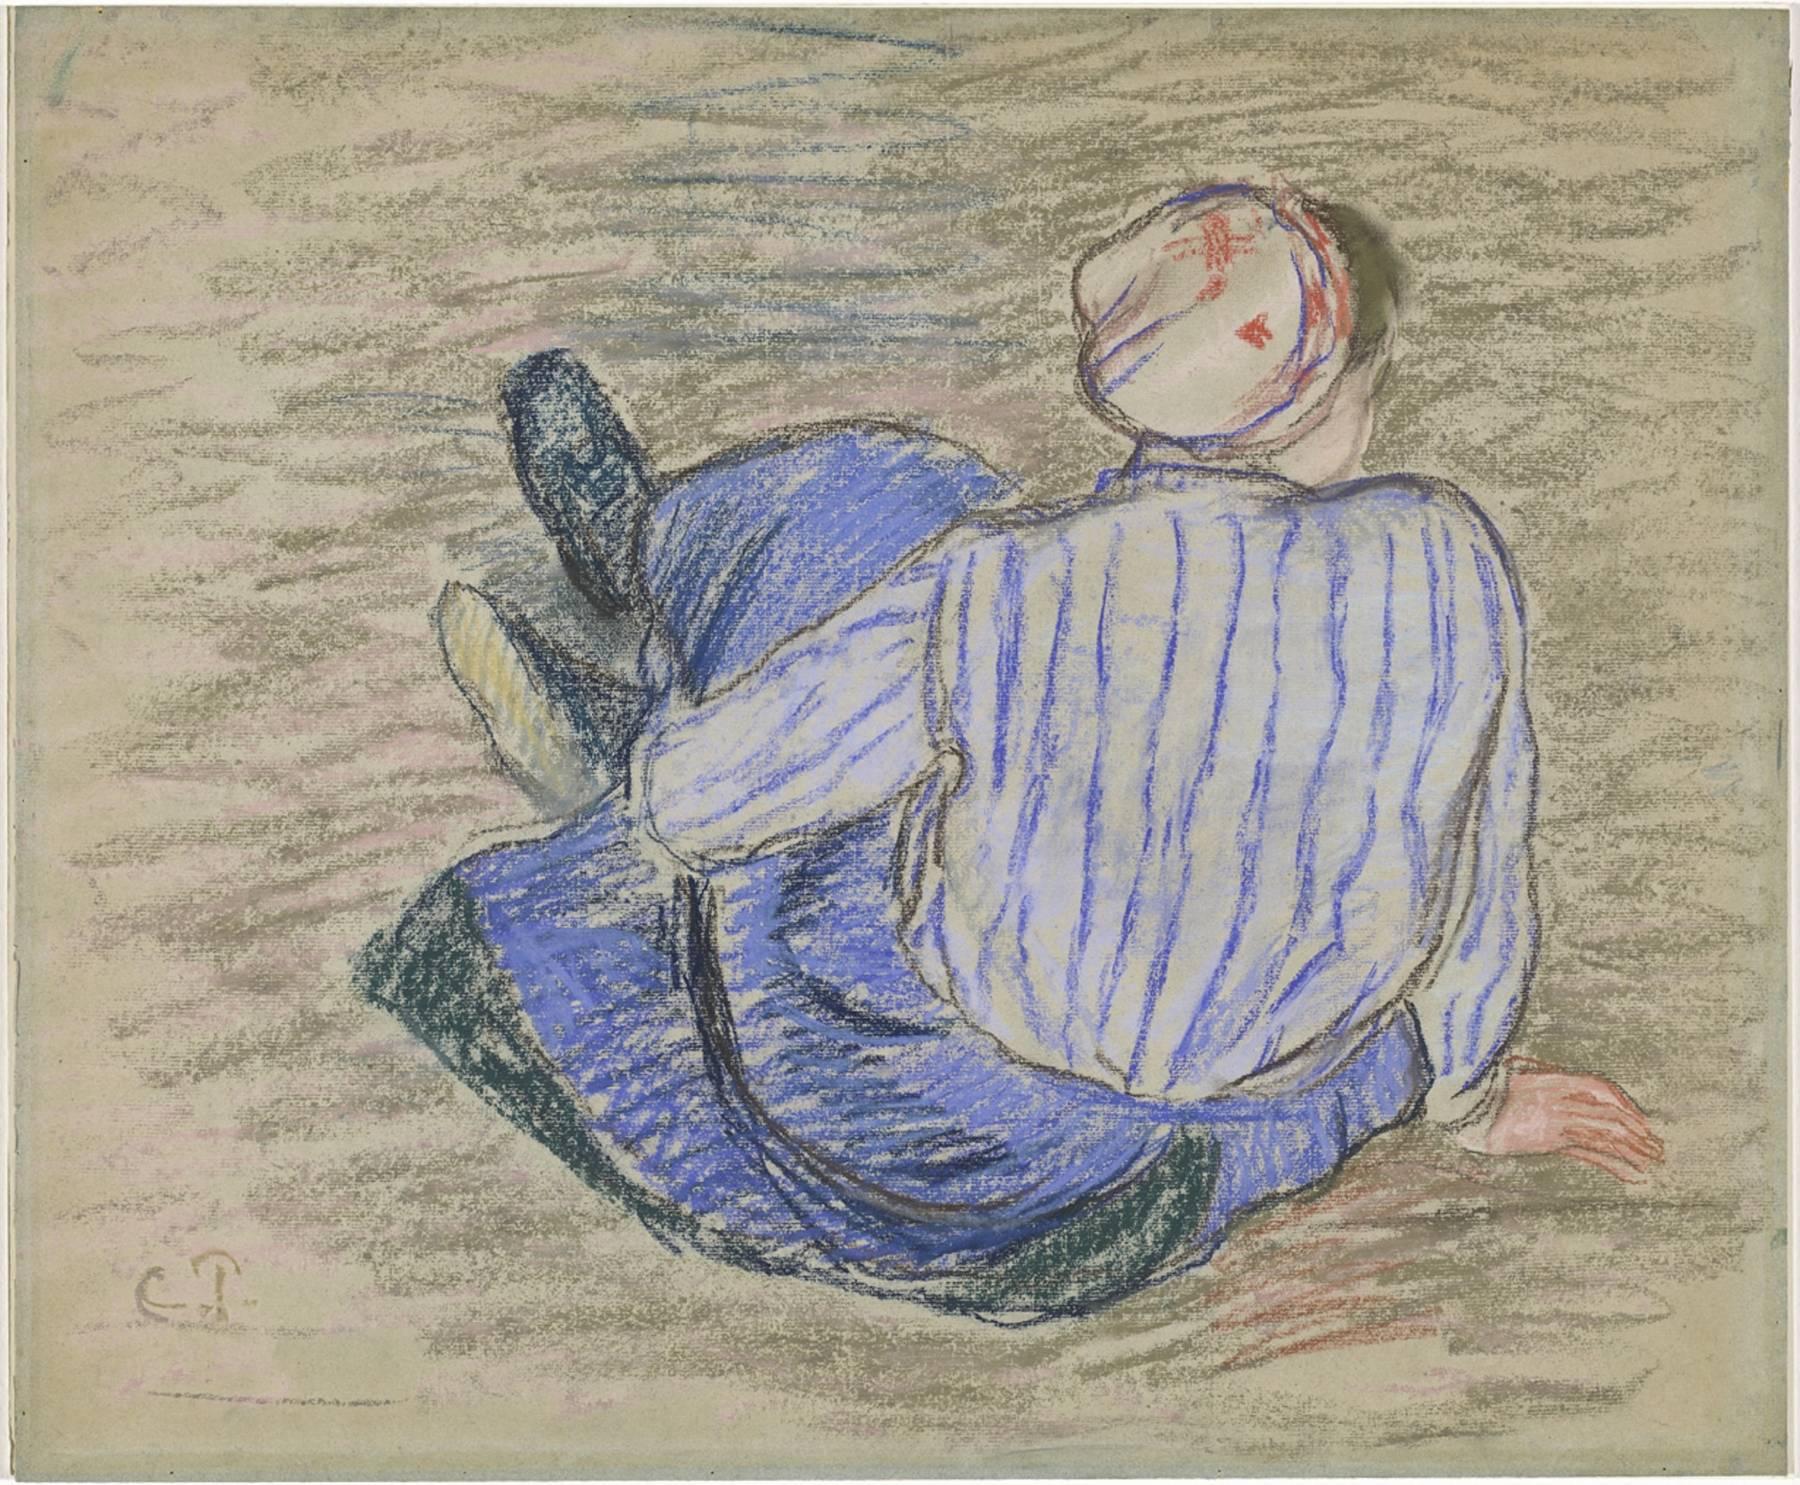 Camille Pissarro, Paysanne assise par terre